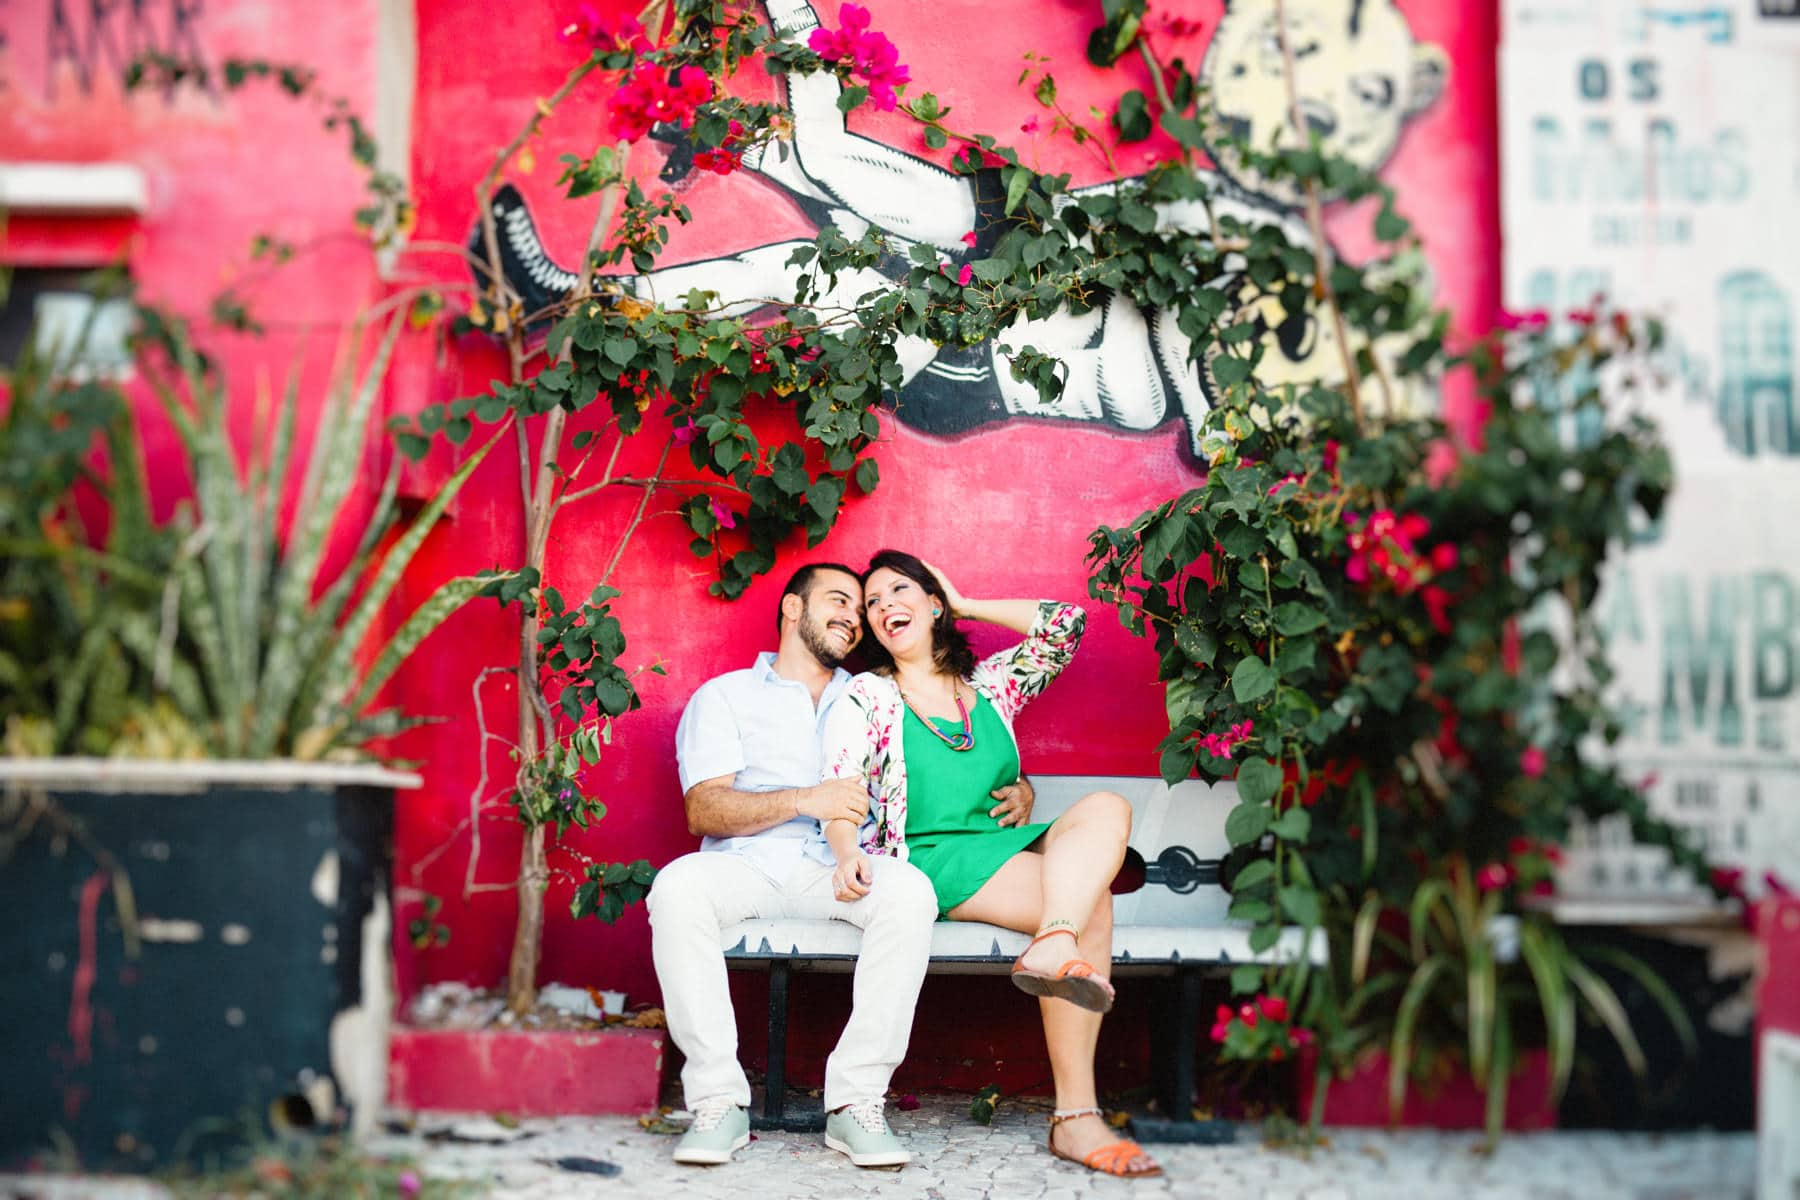 fotos de casal na rua